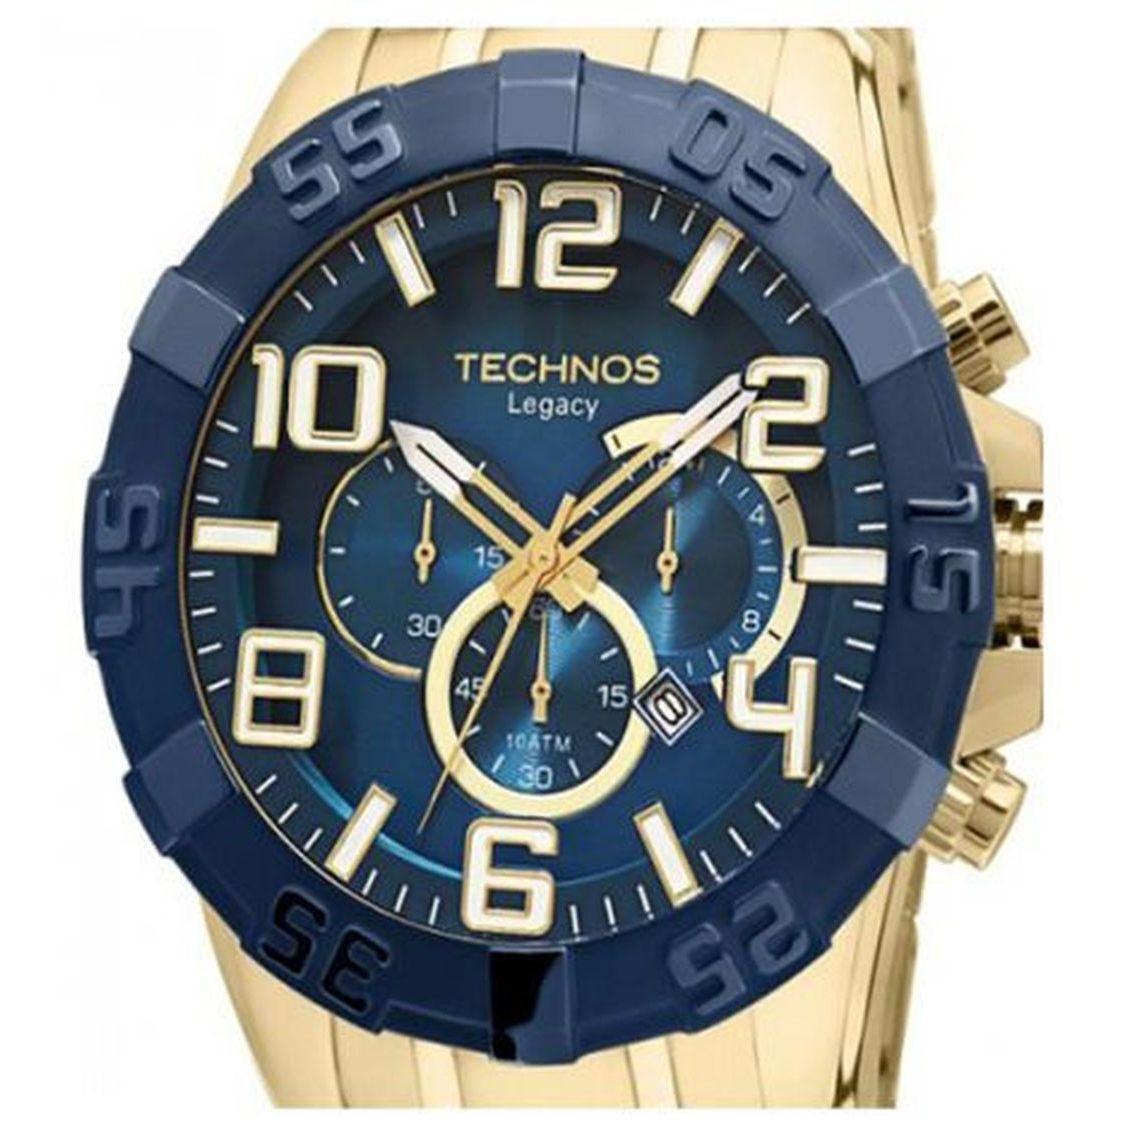 c799334de9804 Relógio Technos Masculino Classic Legacy Cronografo Os20iq 4a - Dourado  Produto não disponível